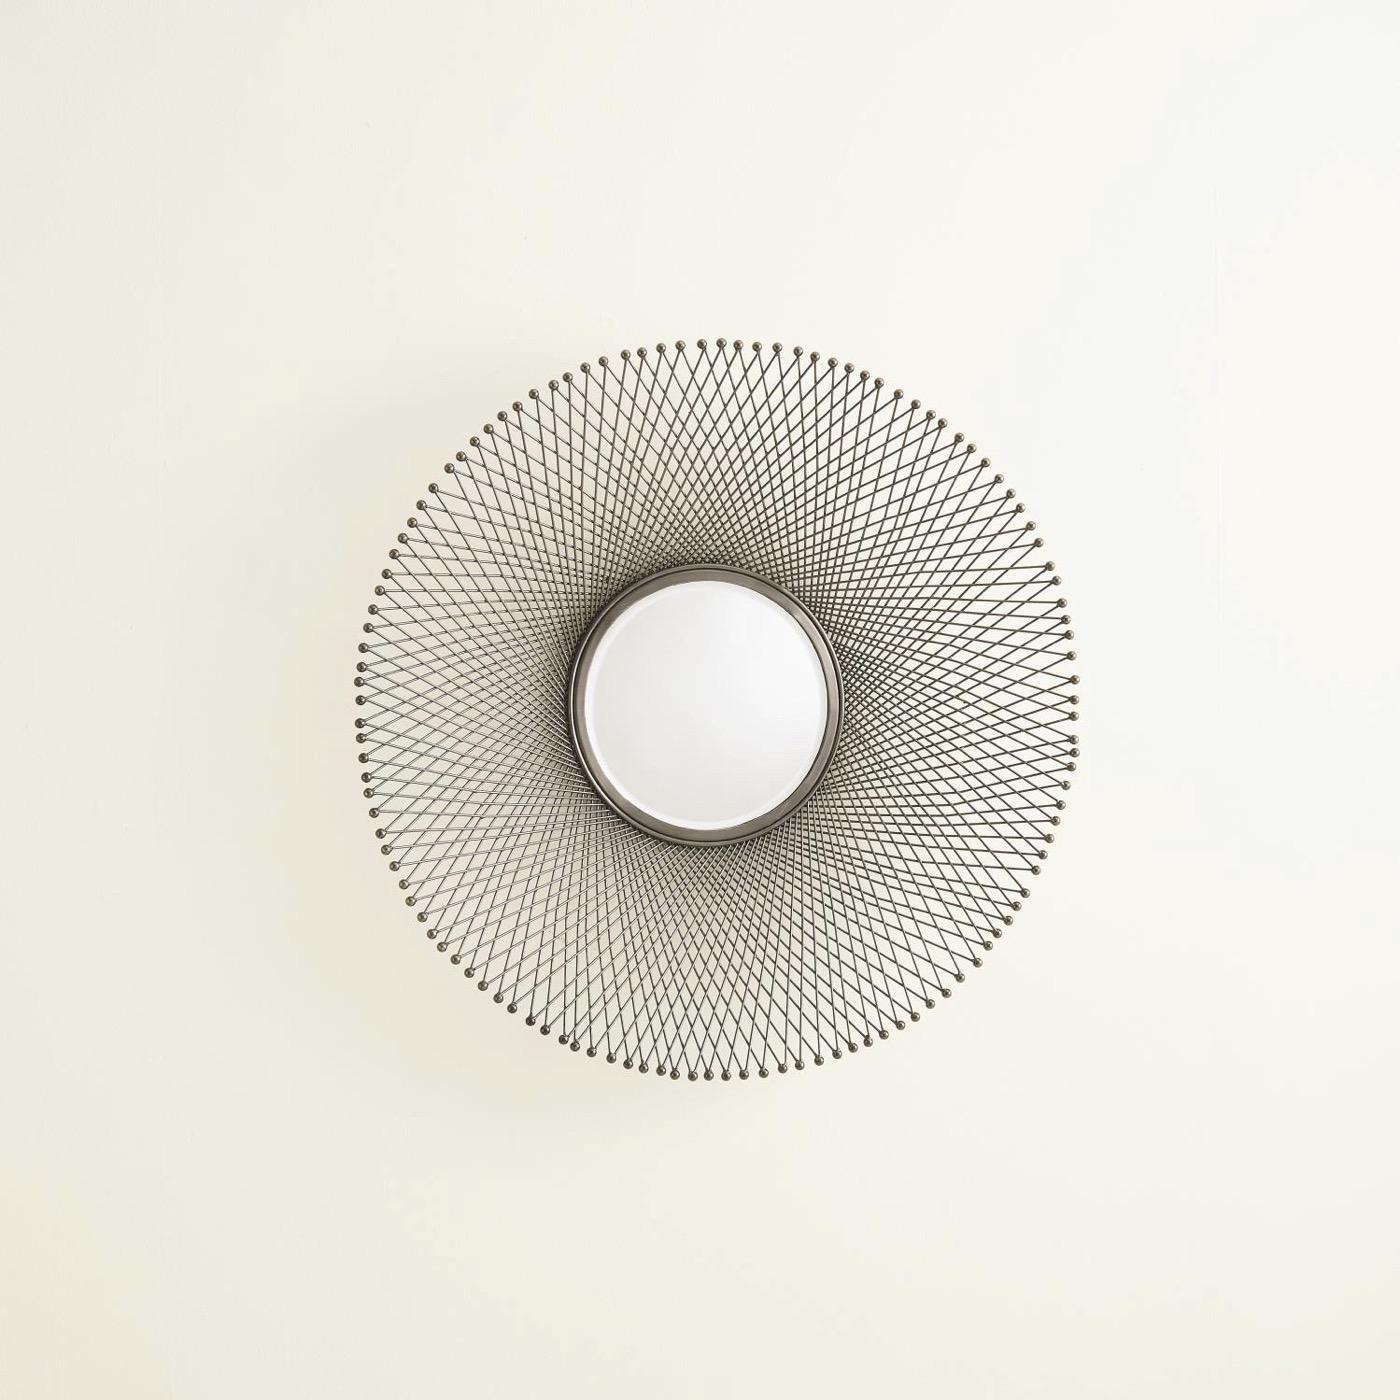 Spiro Wall Mirrors | Dark Nickel